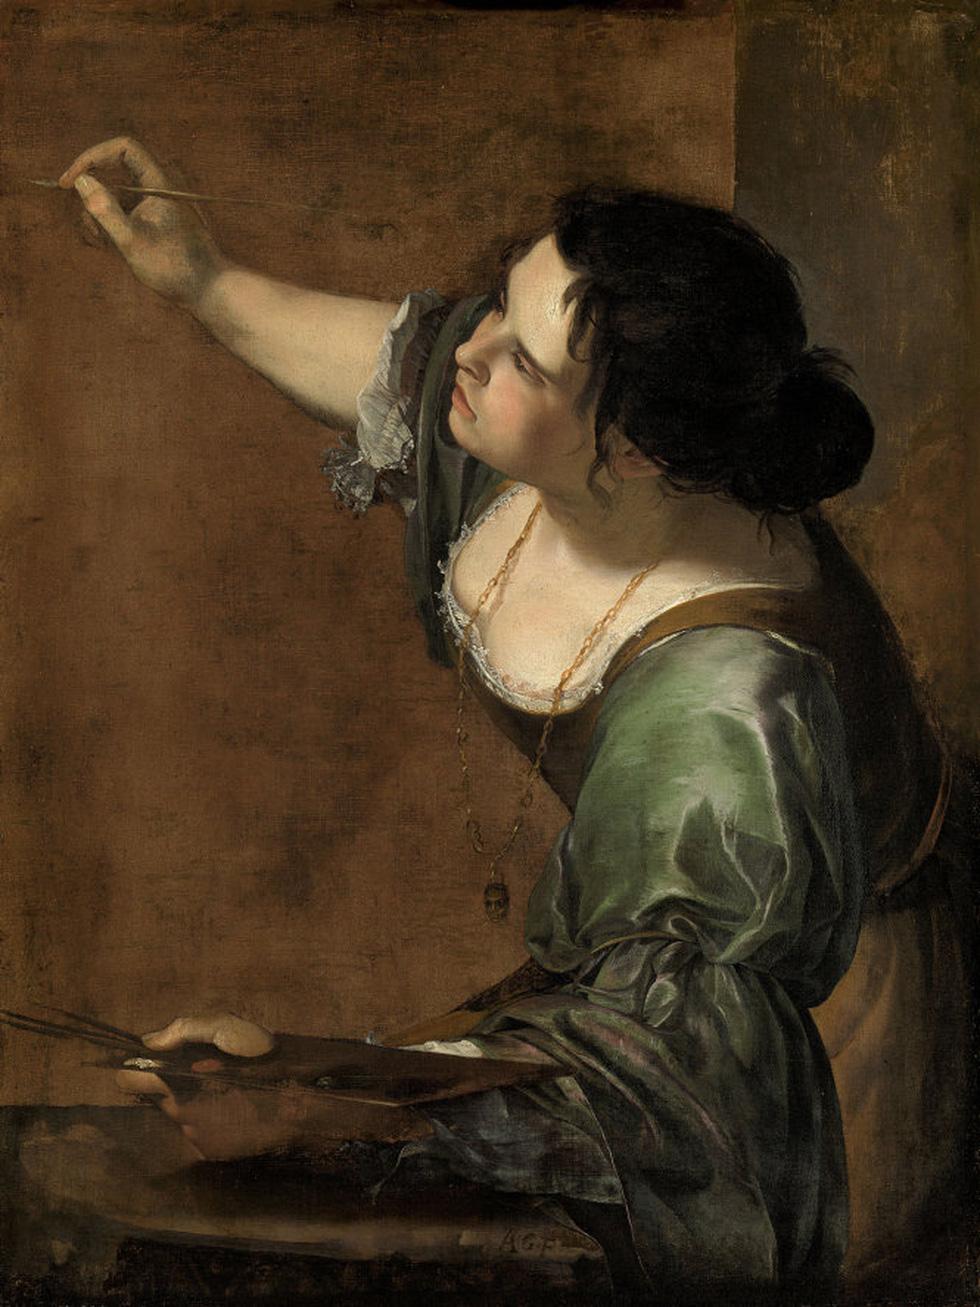 Nữ họa sĩ và 500 năm lộng lẫy: bất chấp định kiến, vẽ tranh khỏa thân - Ảnh 6.